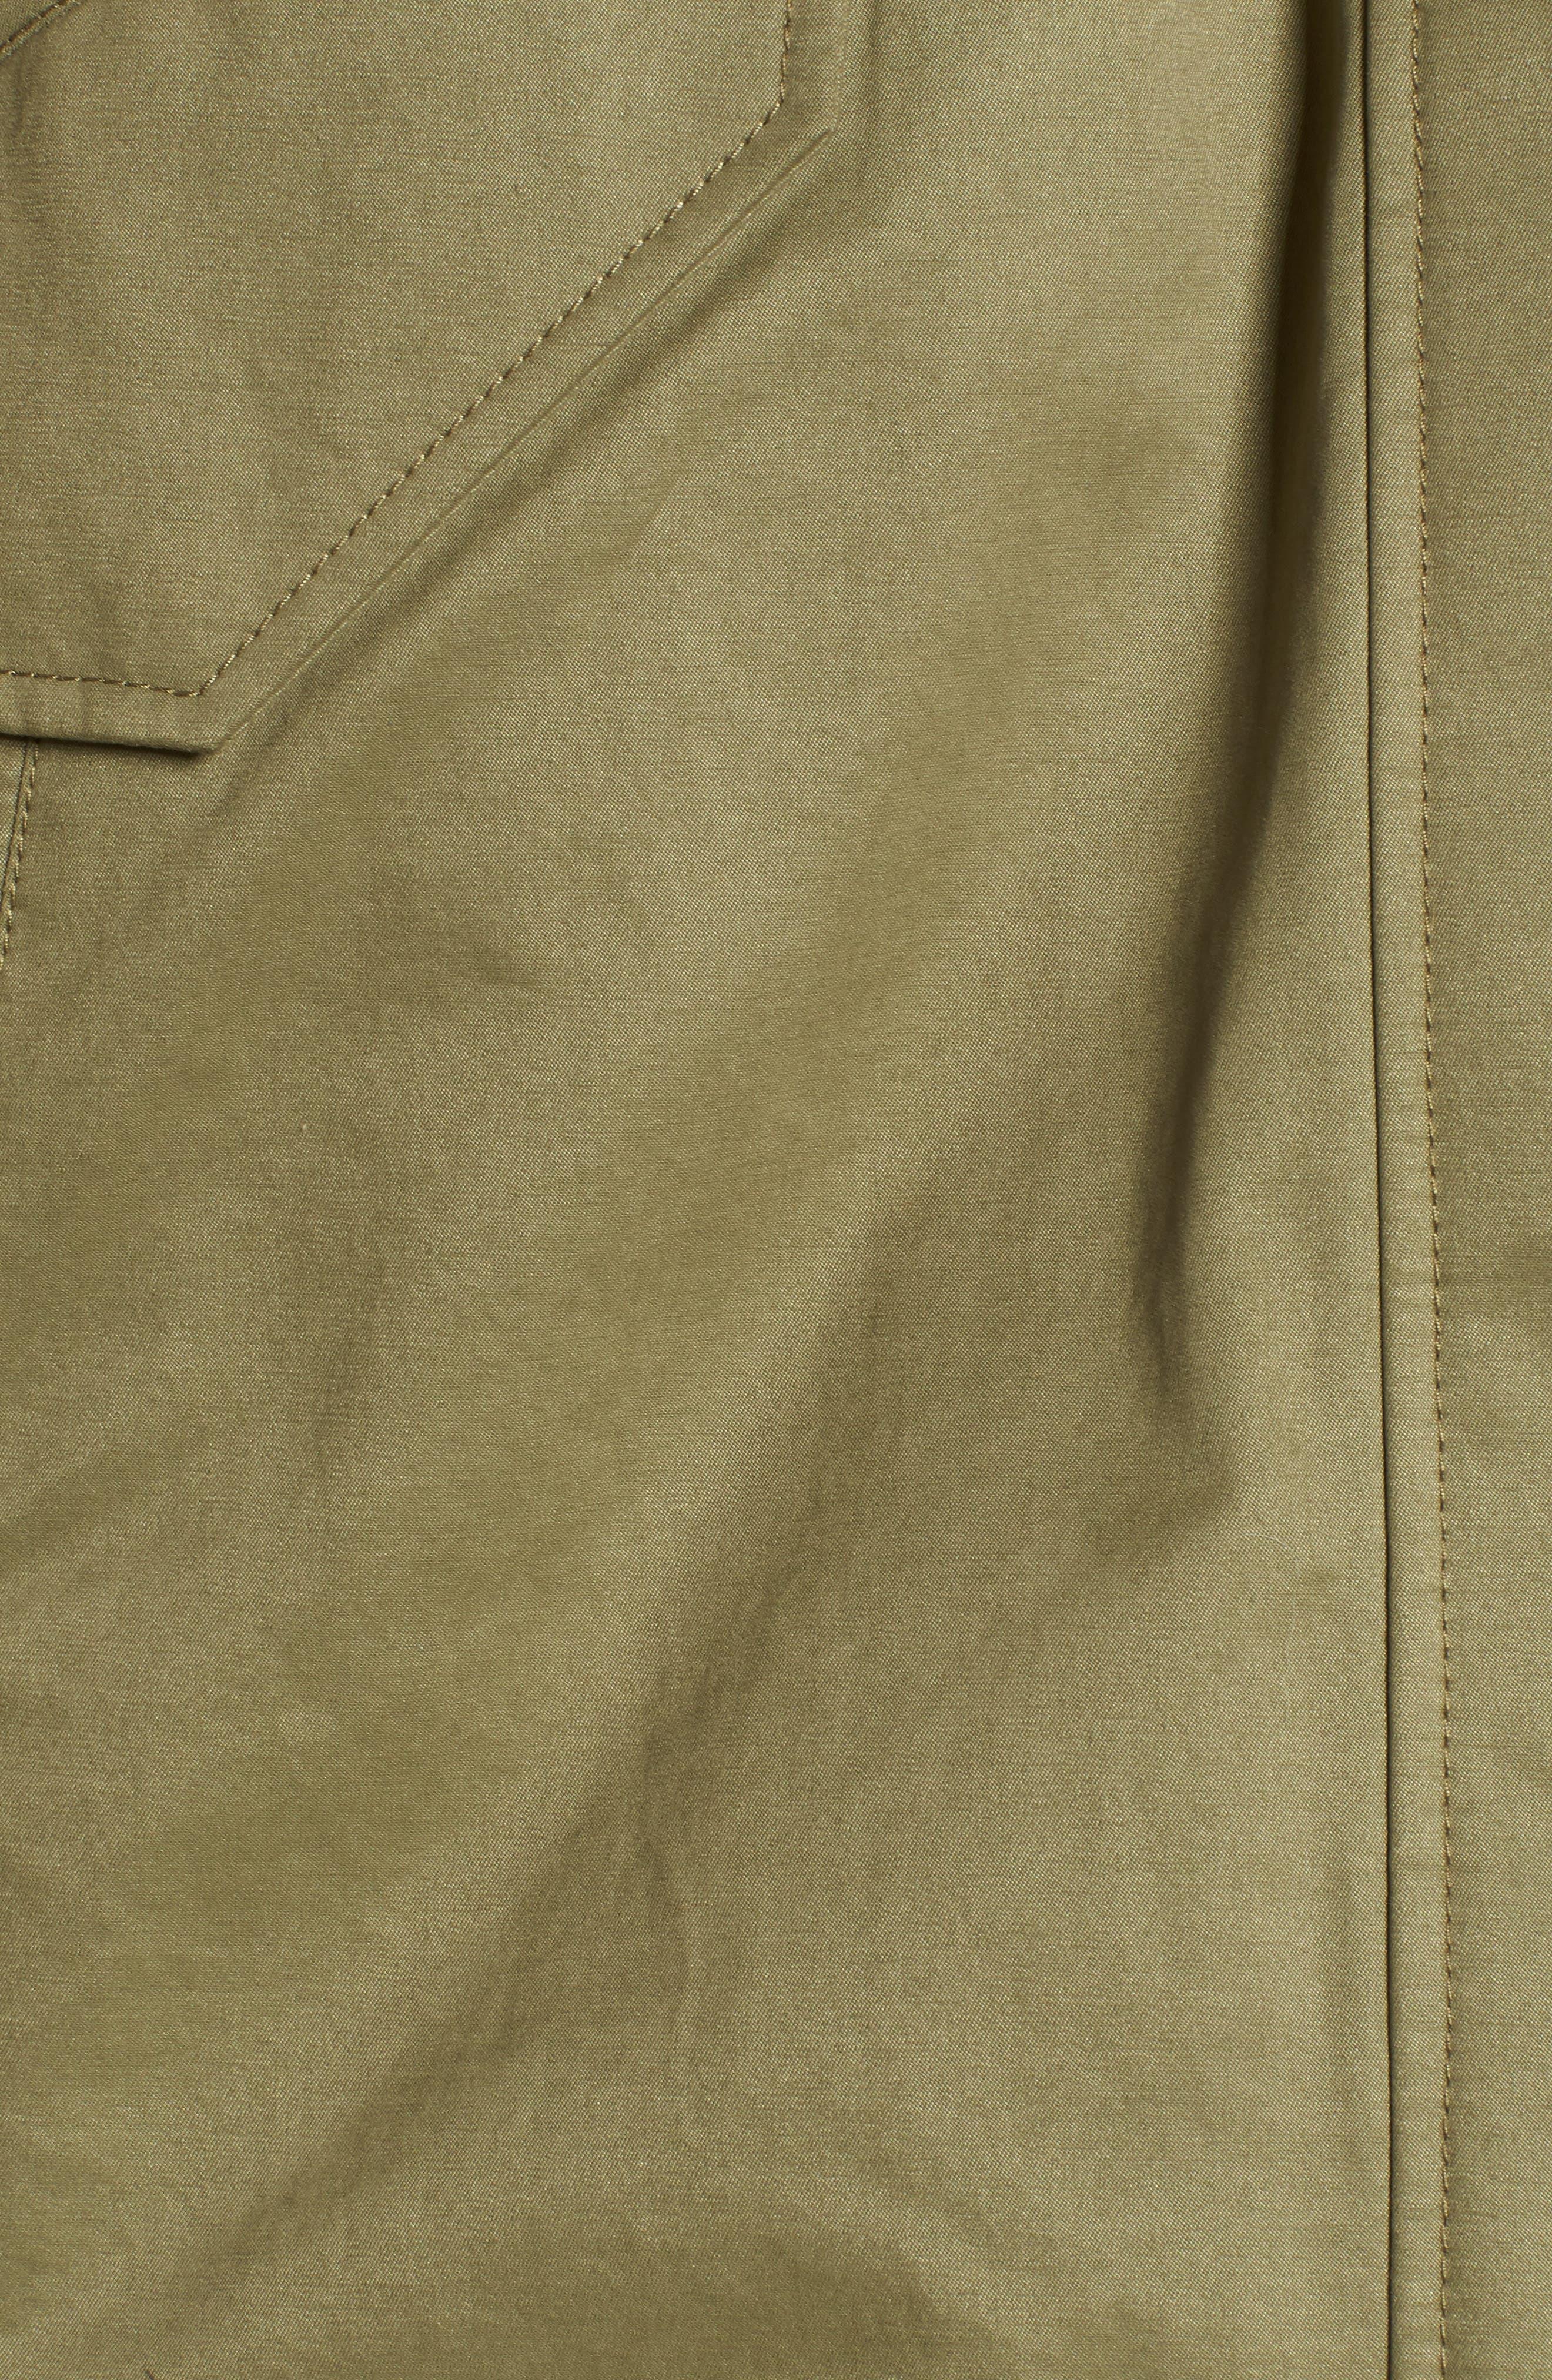 DEREK LAM 10 CROSBY, Genuine Fox Fur Trim Cotton Blend Parka, Alternate thumbnail 7, color, LODEN